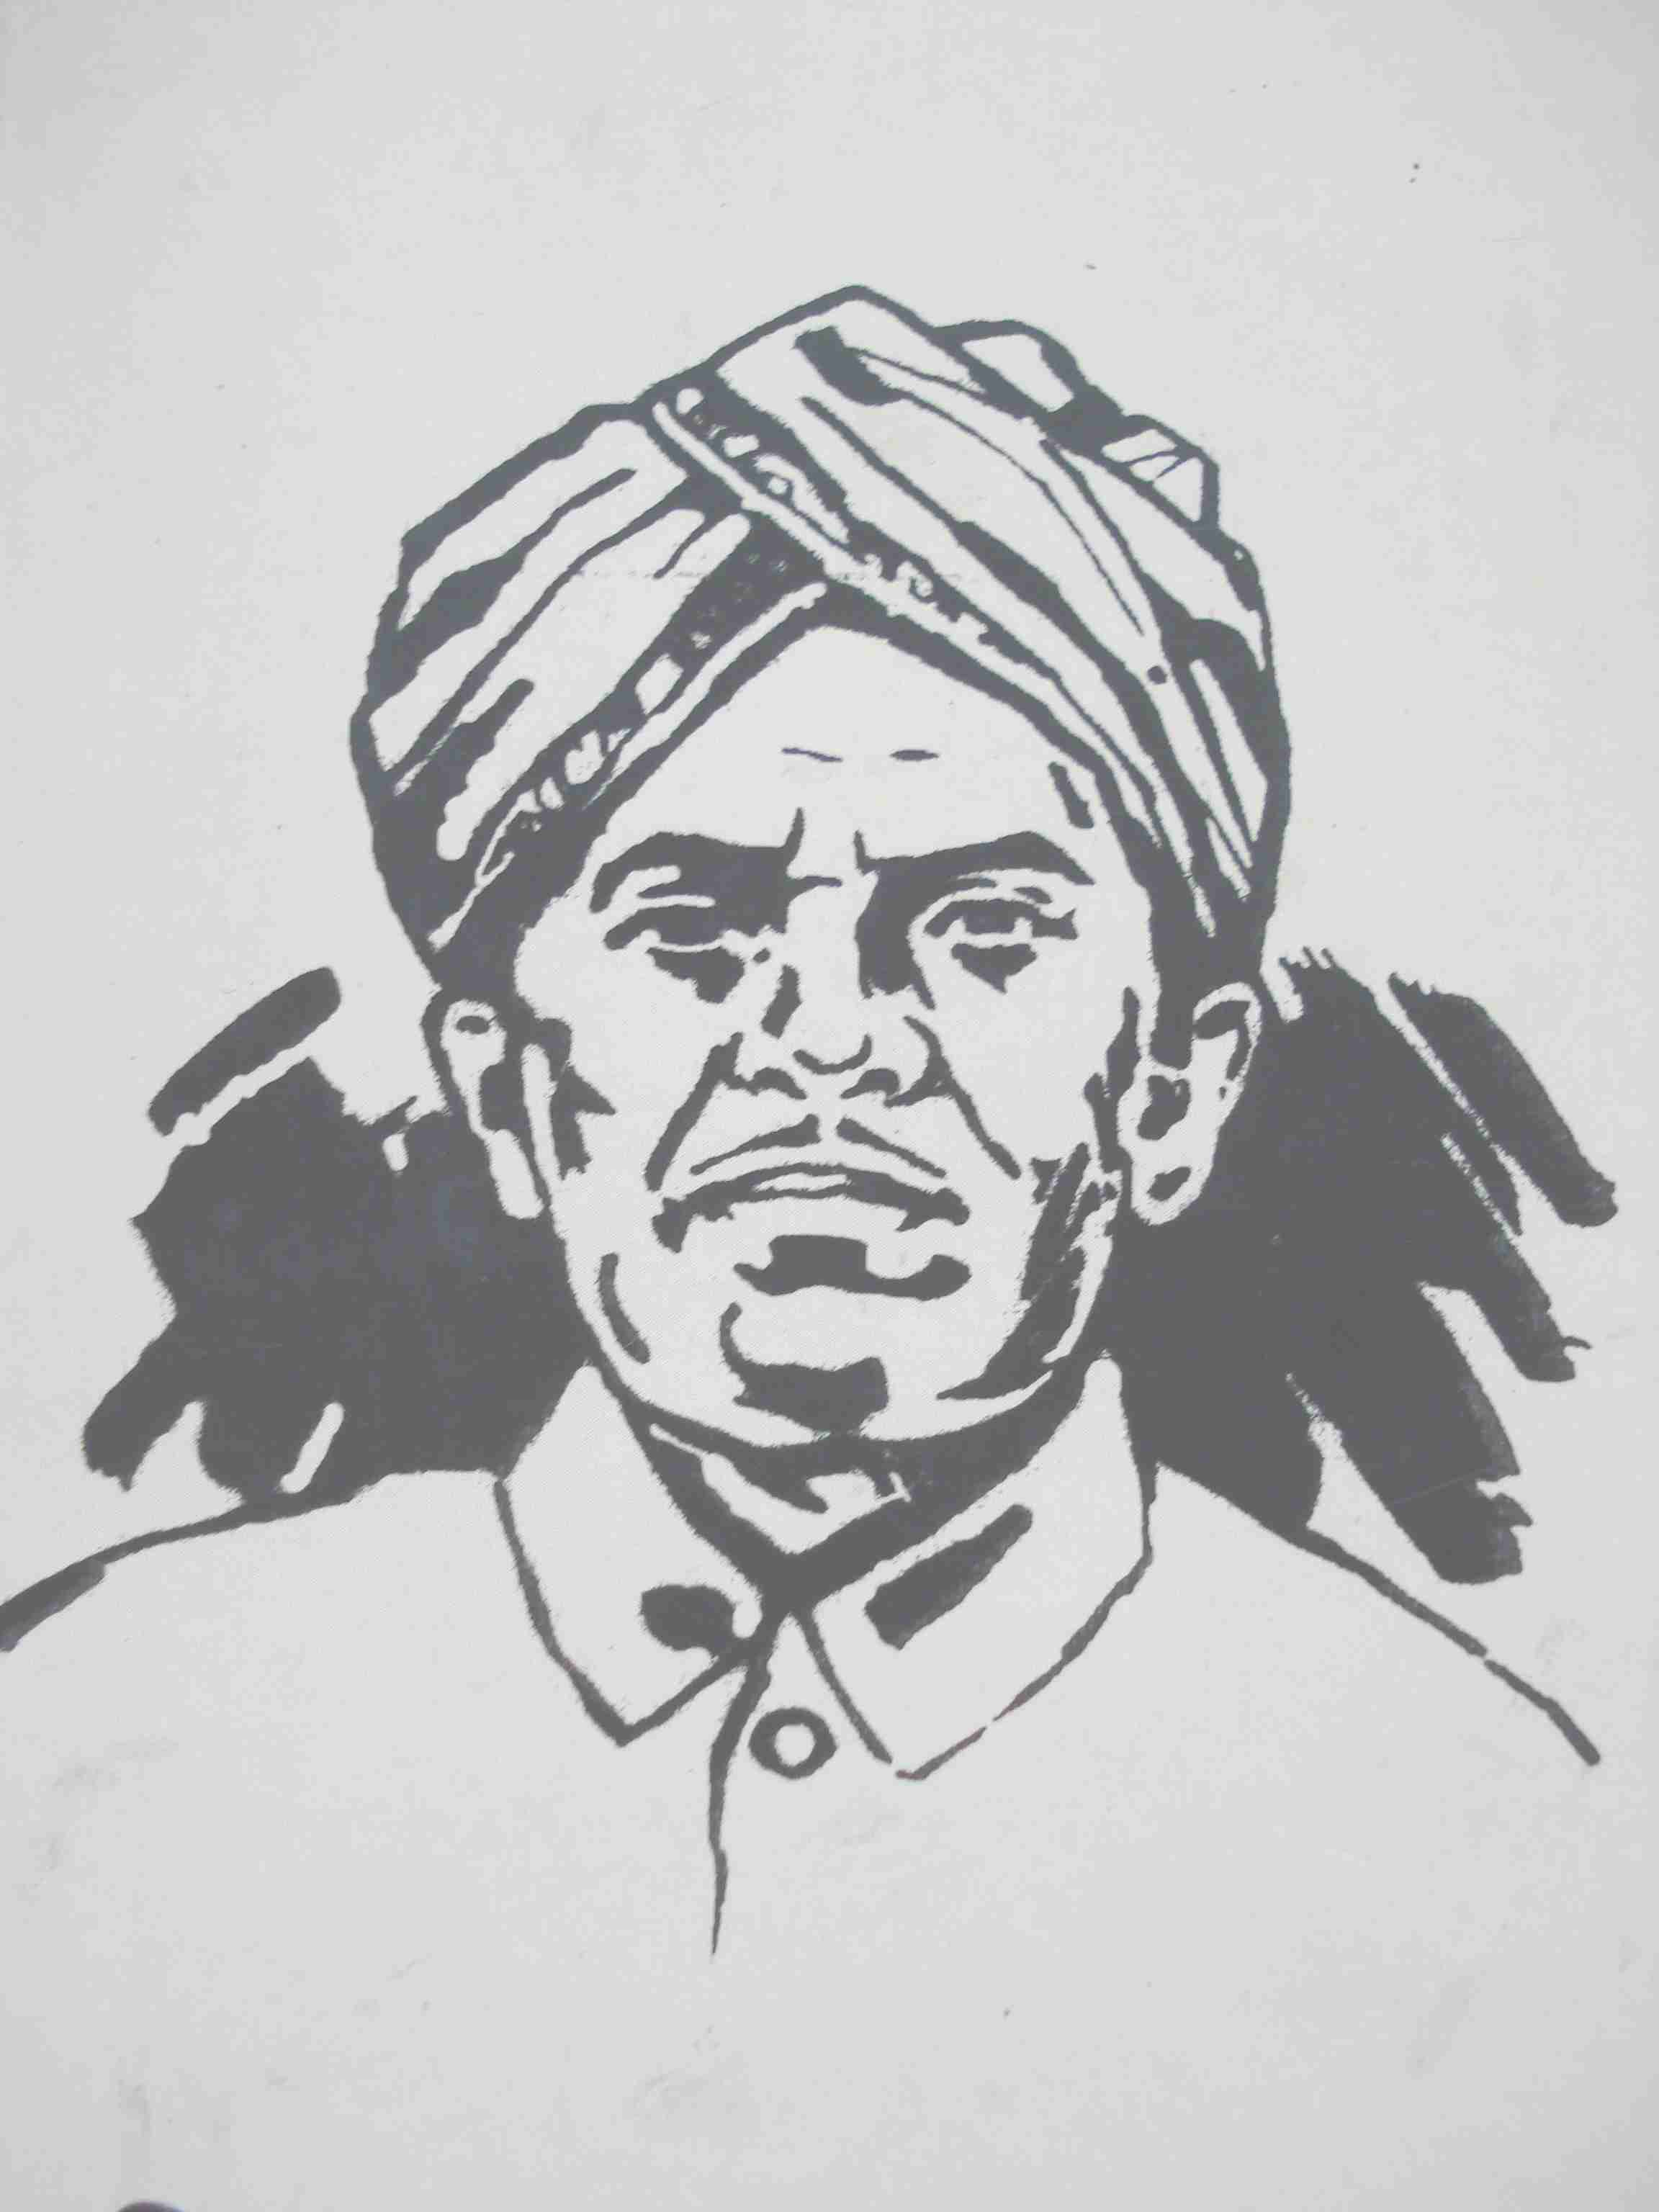 Shejwalkar